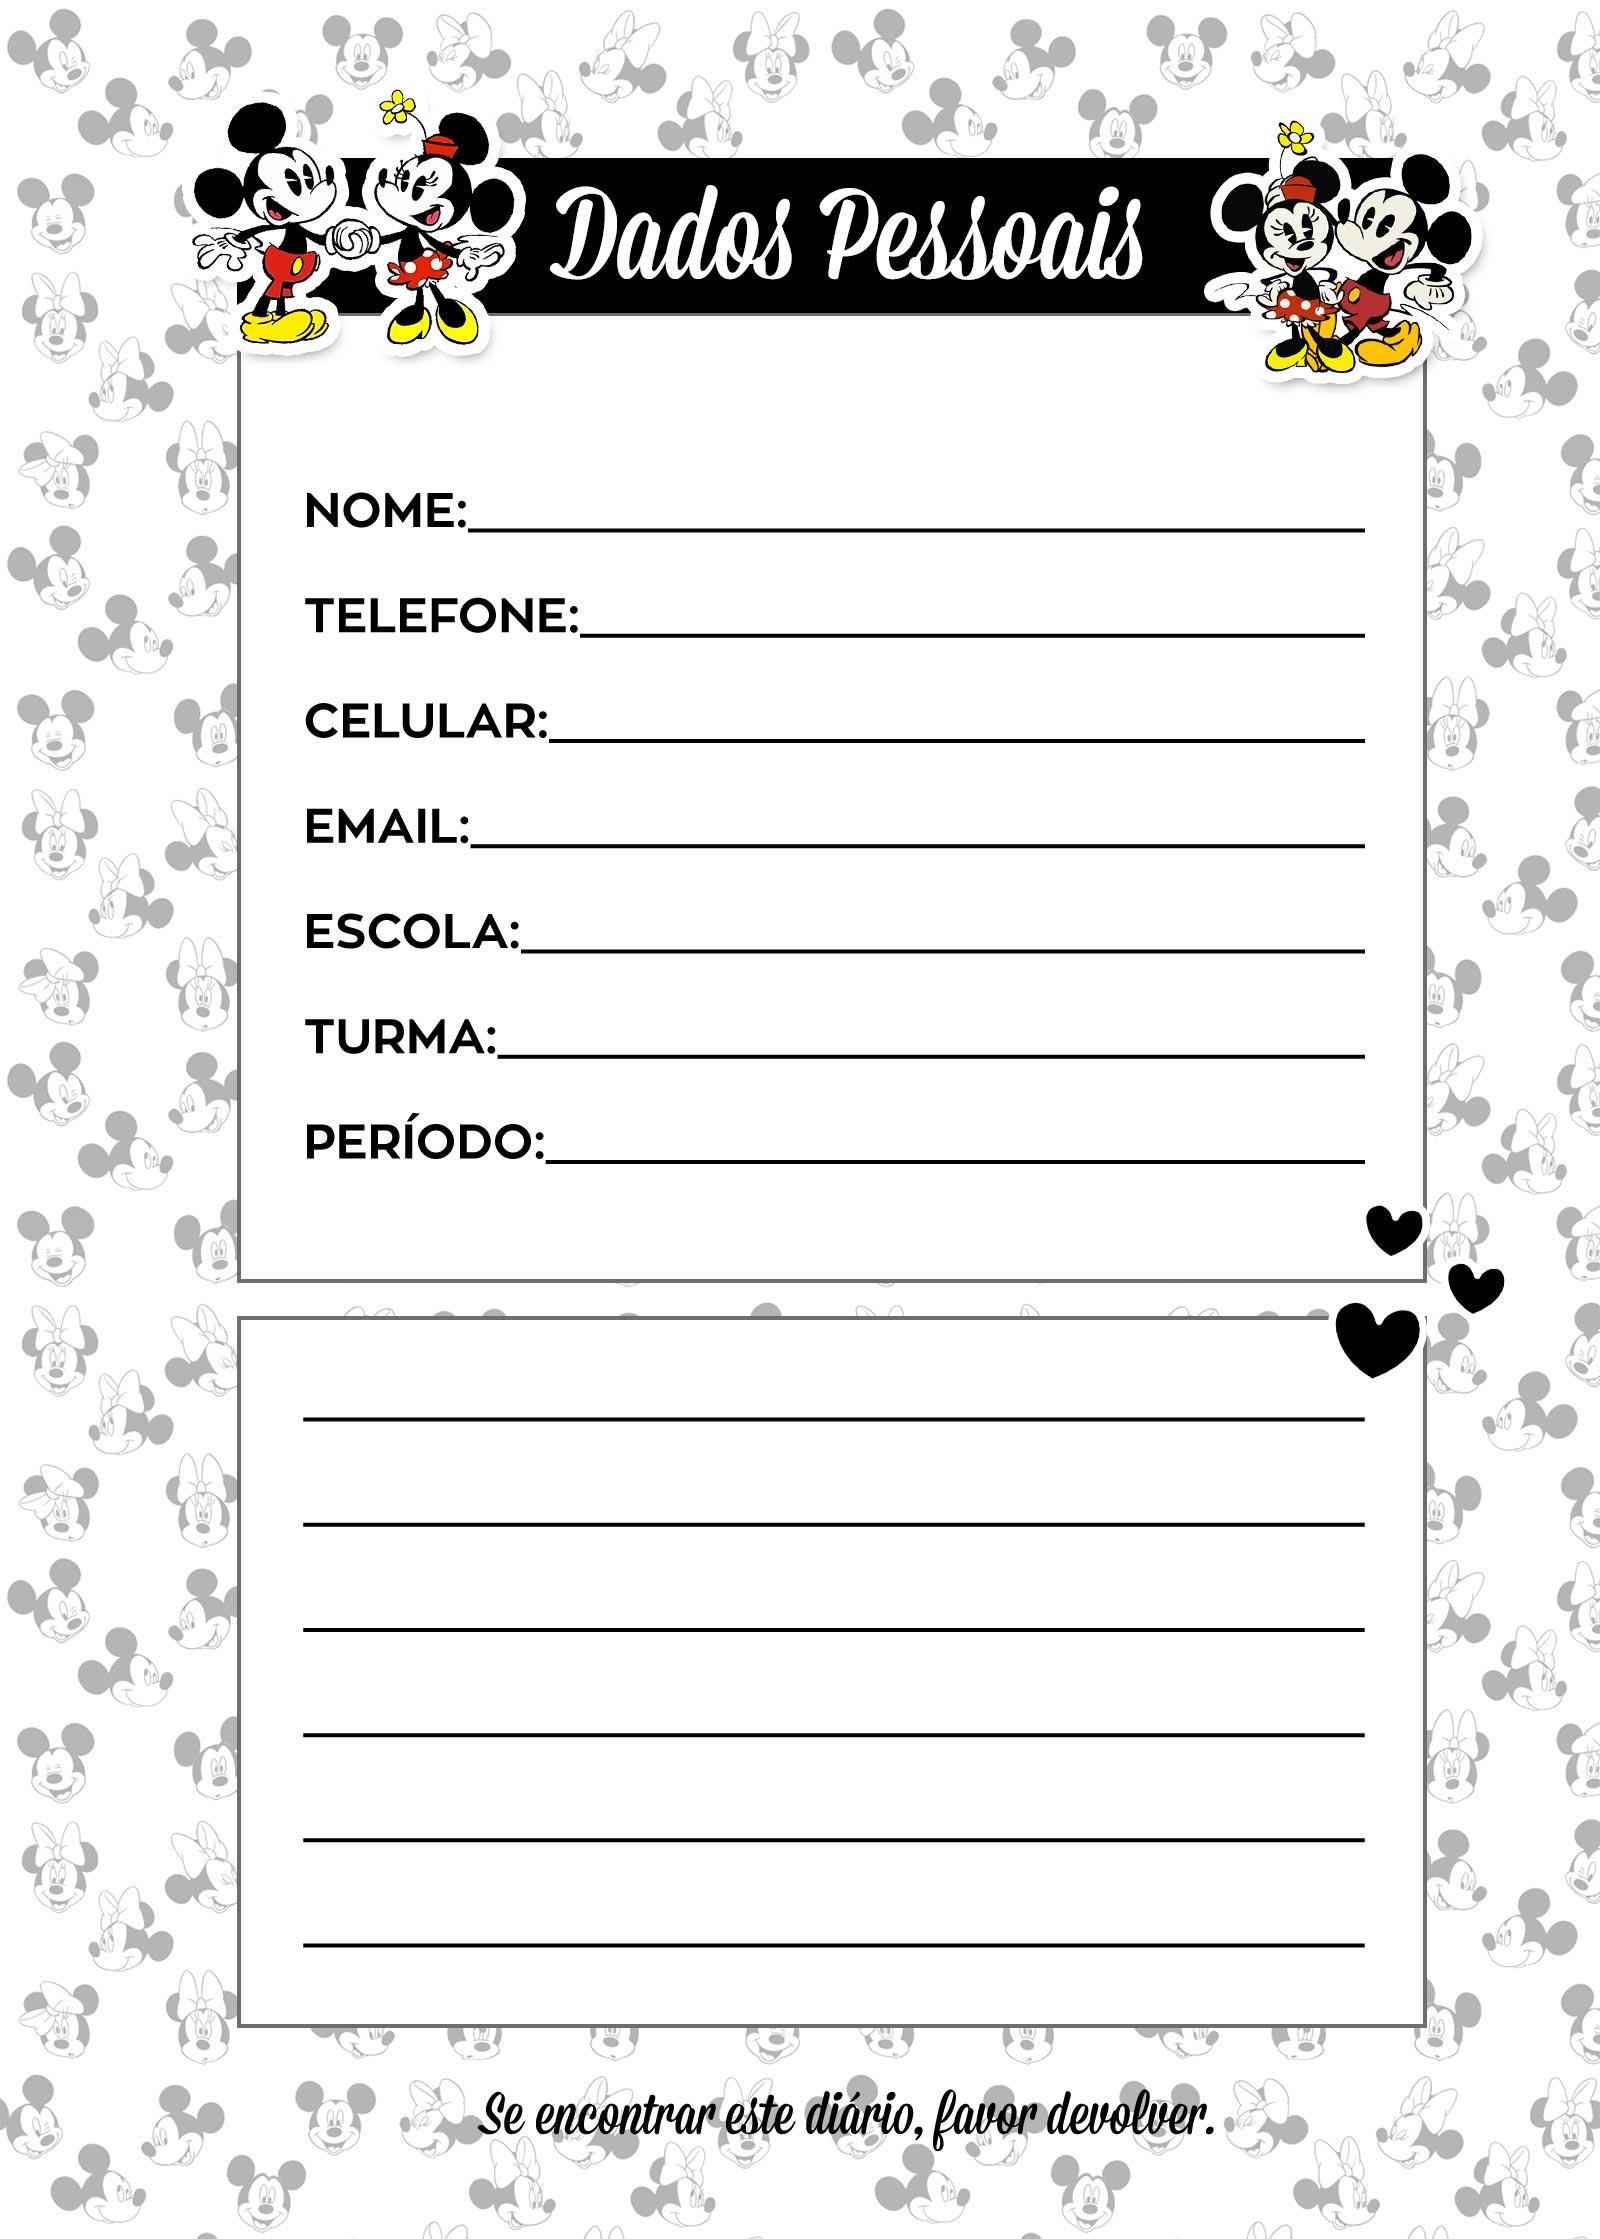 Caderno de Planejamento para professores Dados Pessoais Mickey e Minnie